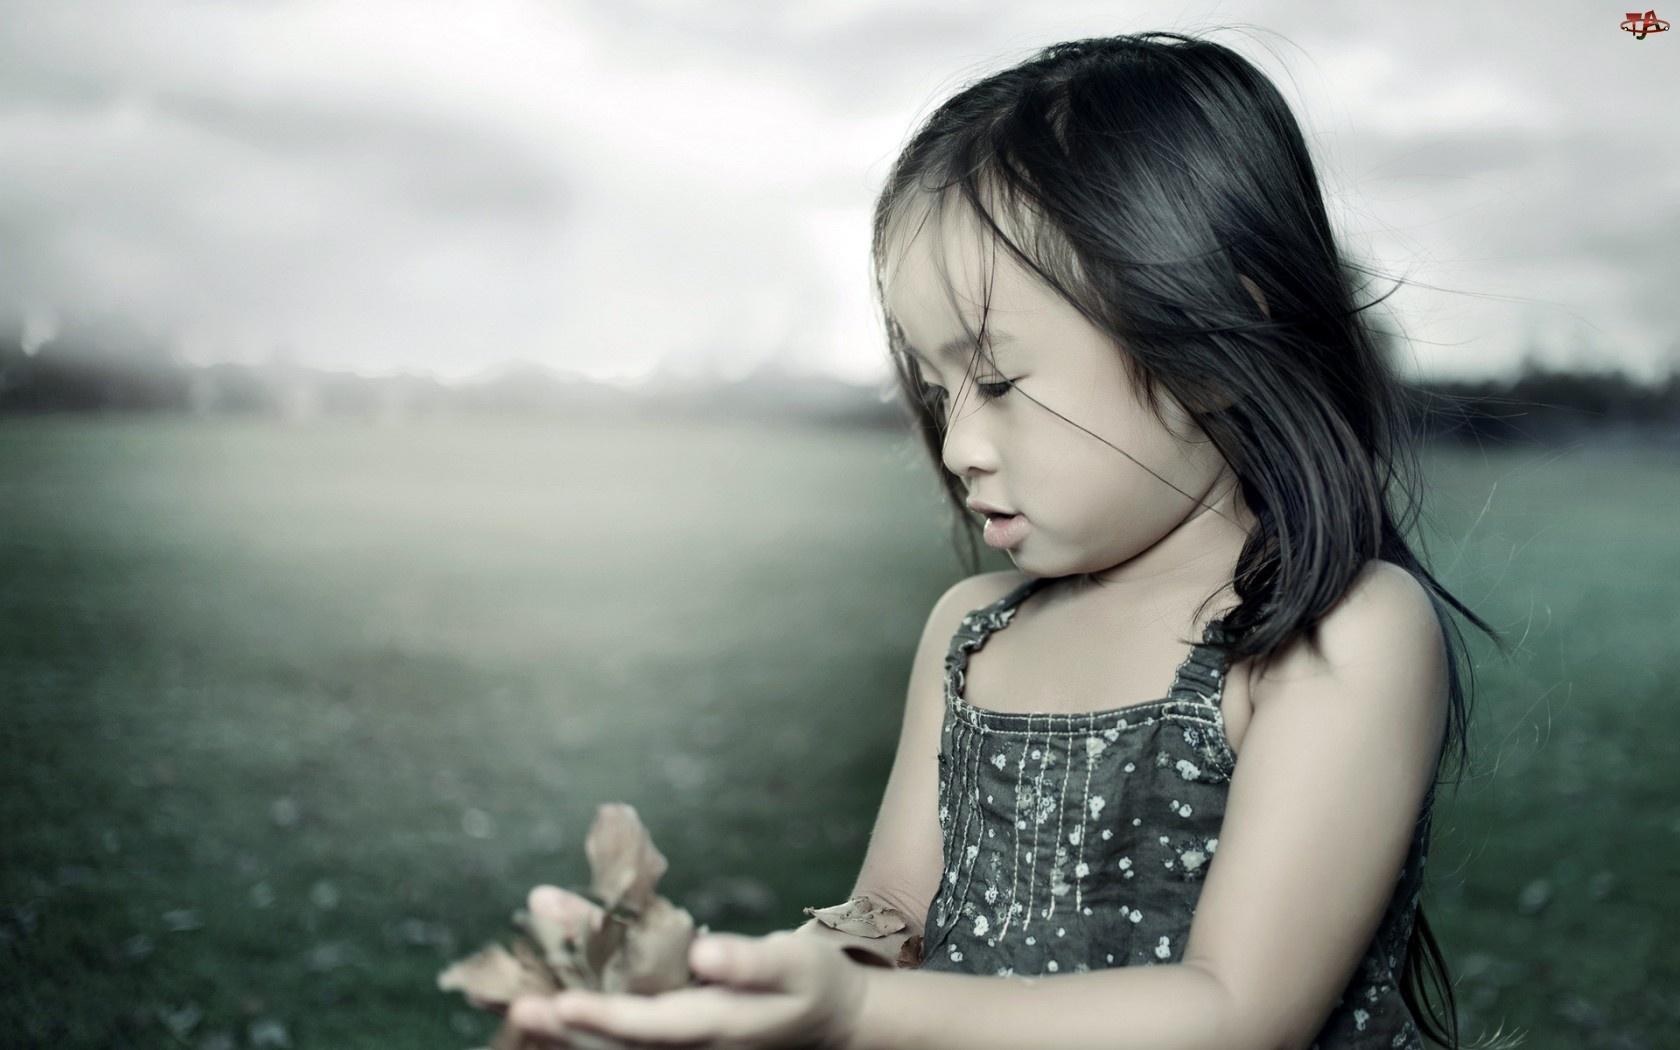 Mała, Liście, Dziewczynka, Rączki